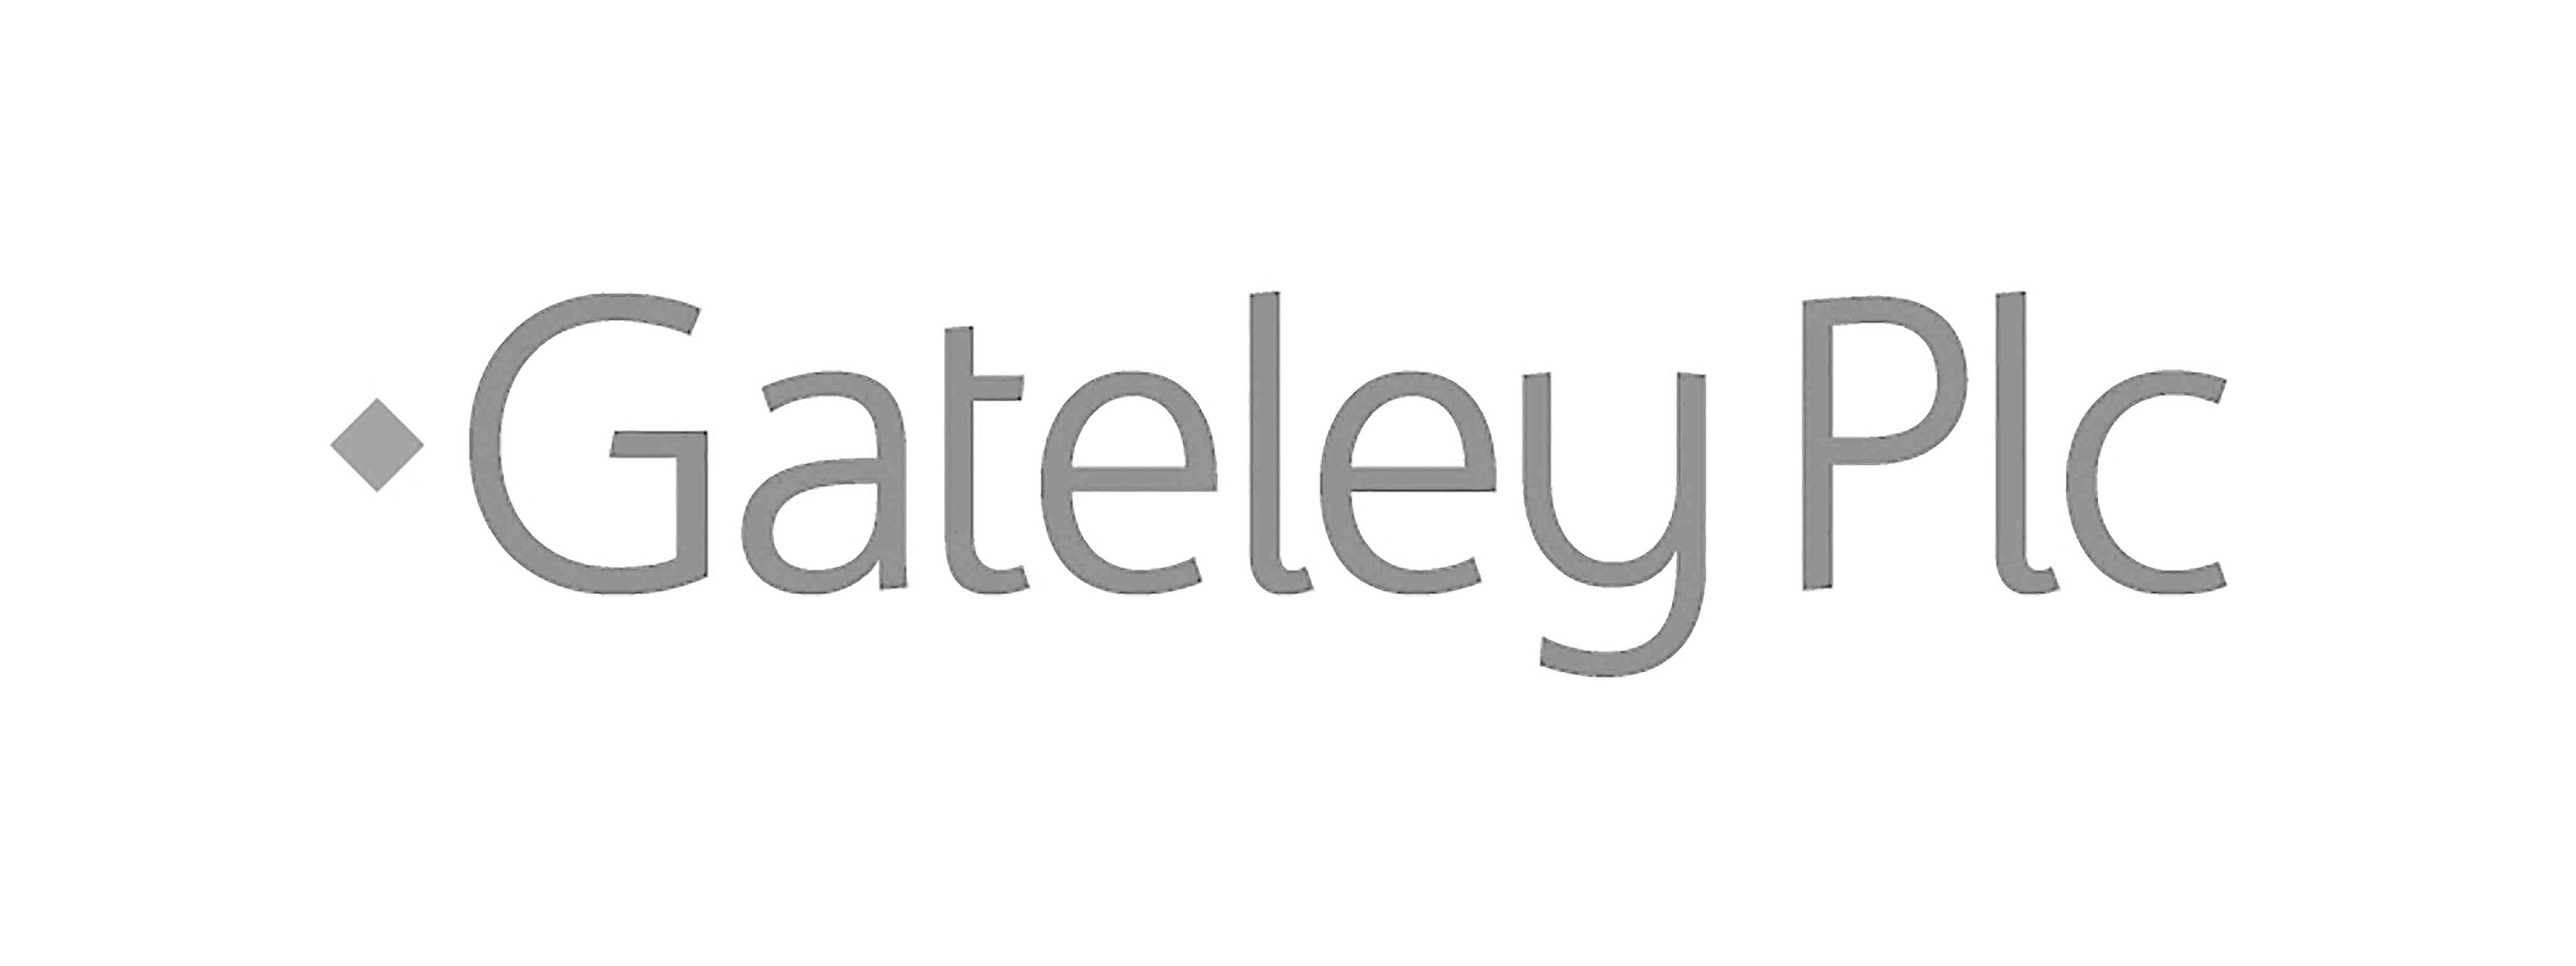 Gateley PLC grey